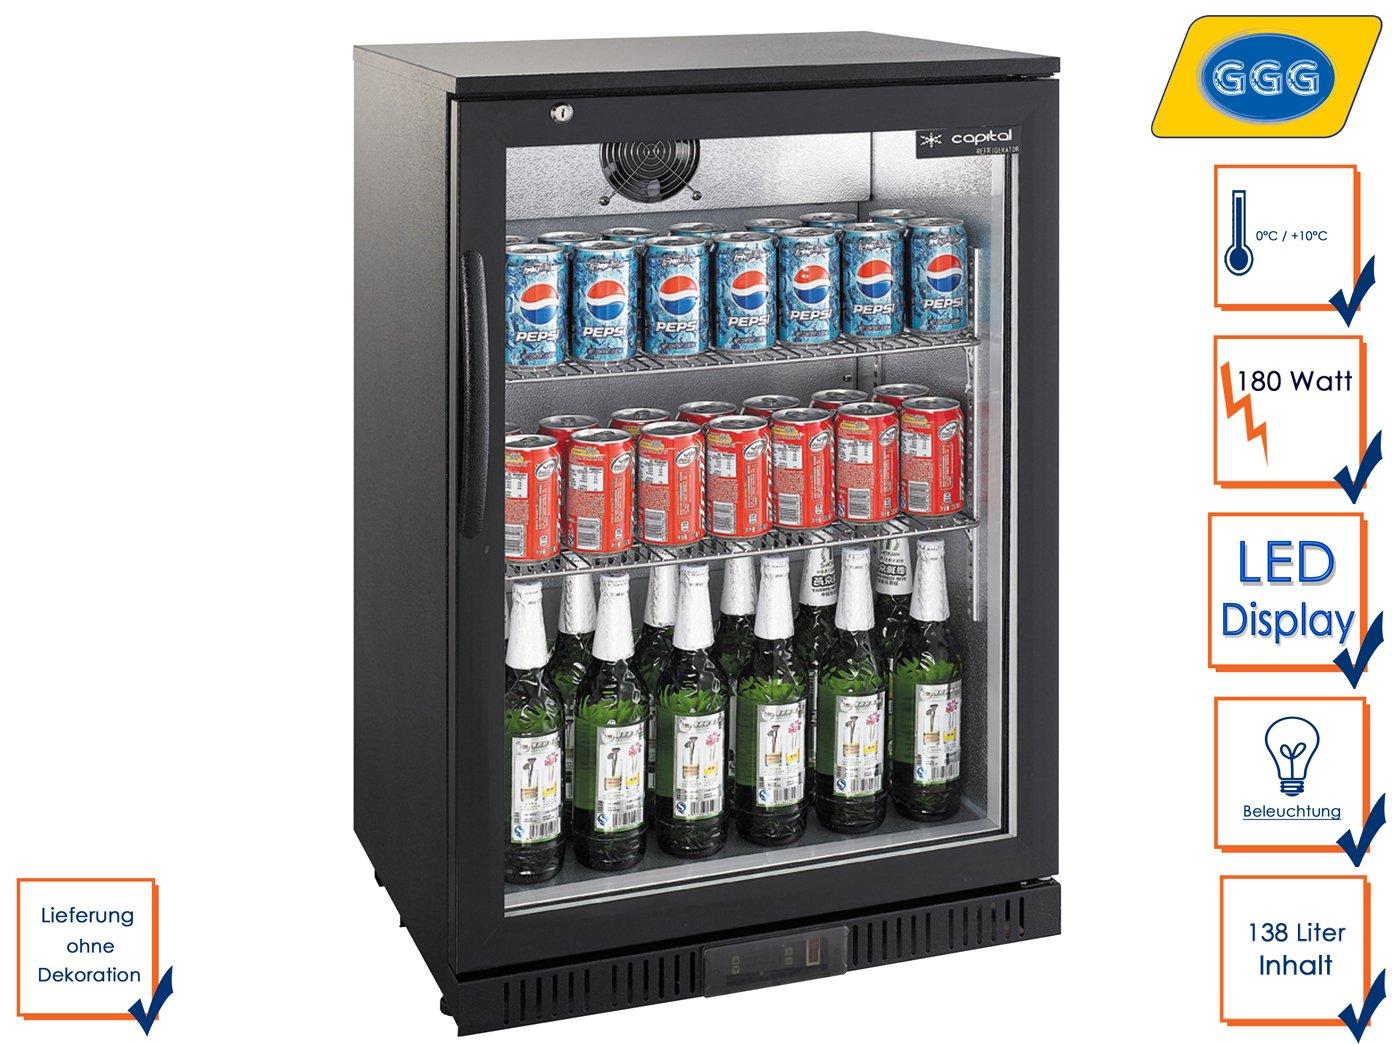 Profi Flaschenkühlschrank, 138 Liter, 0° C/ +10° C, Umluftkühlung ...